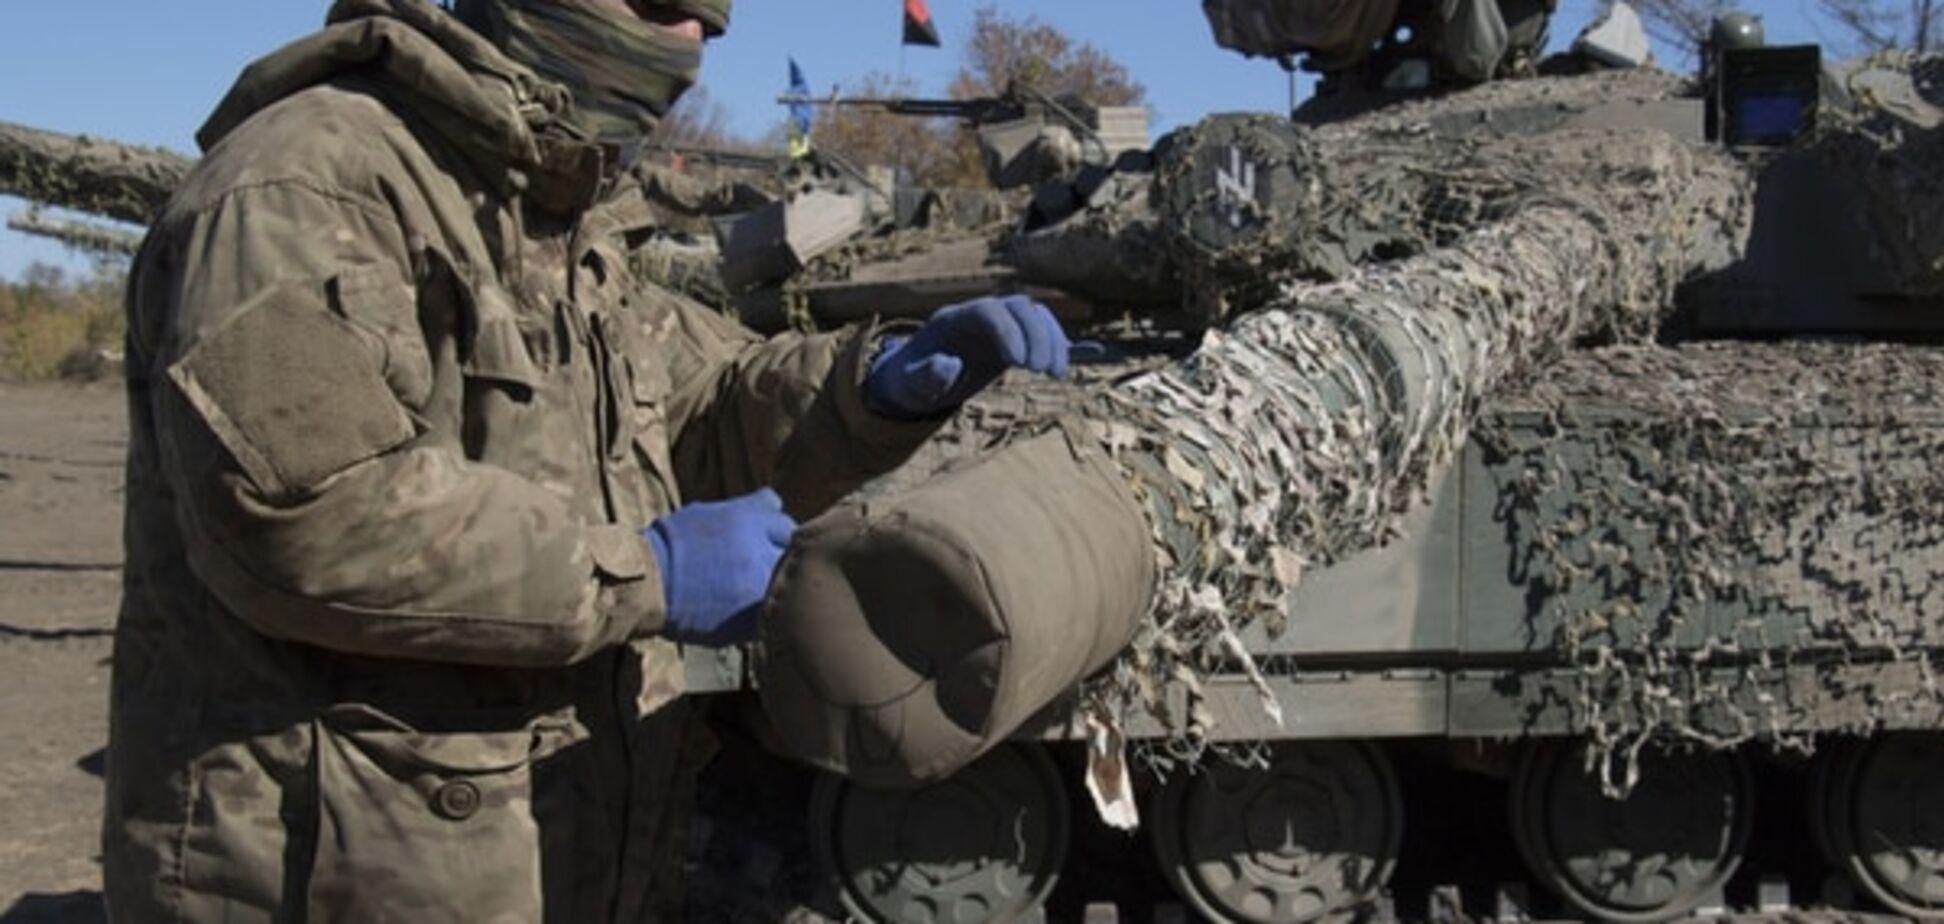 Бадрак пояснив, чому США все-таки вирішили допомогти Україні зброєю